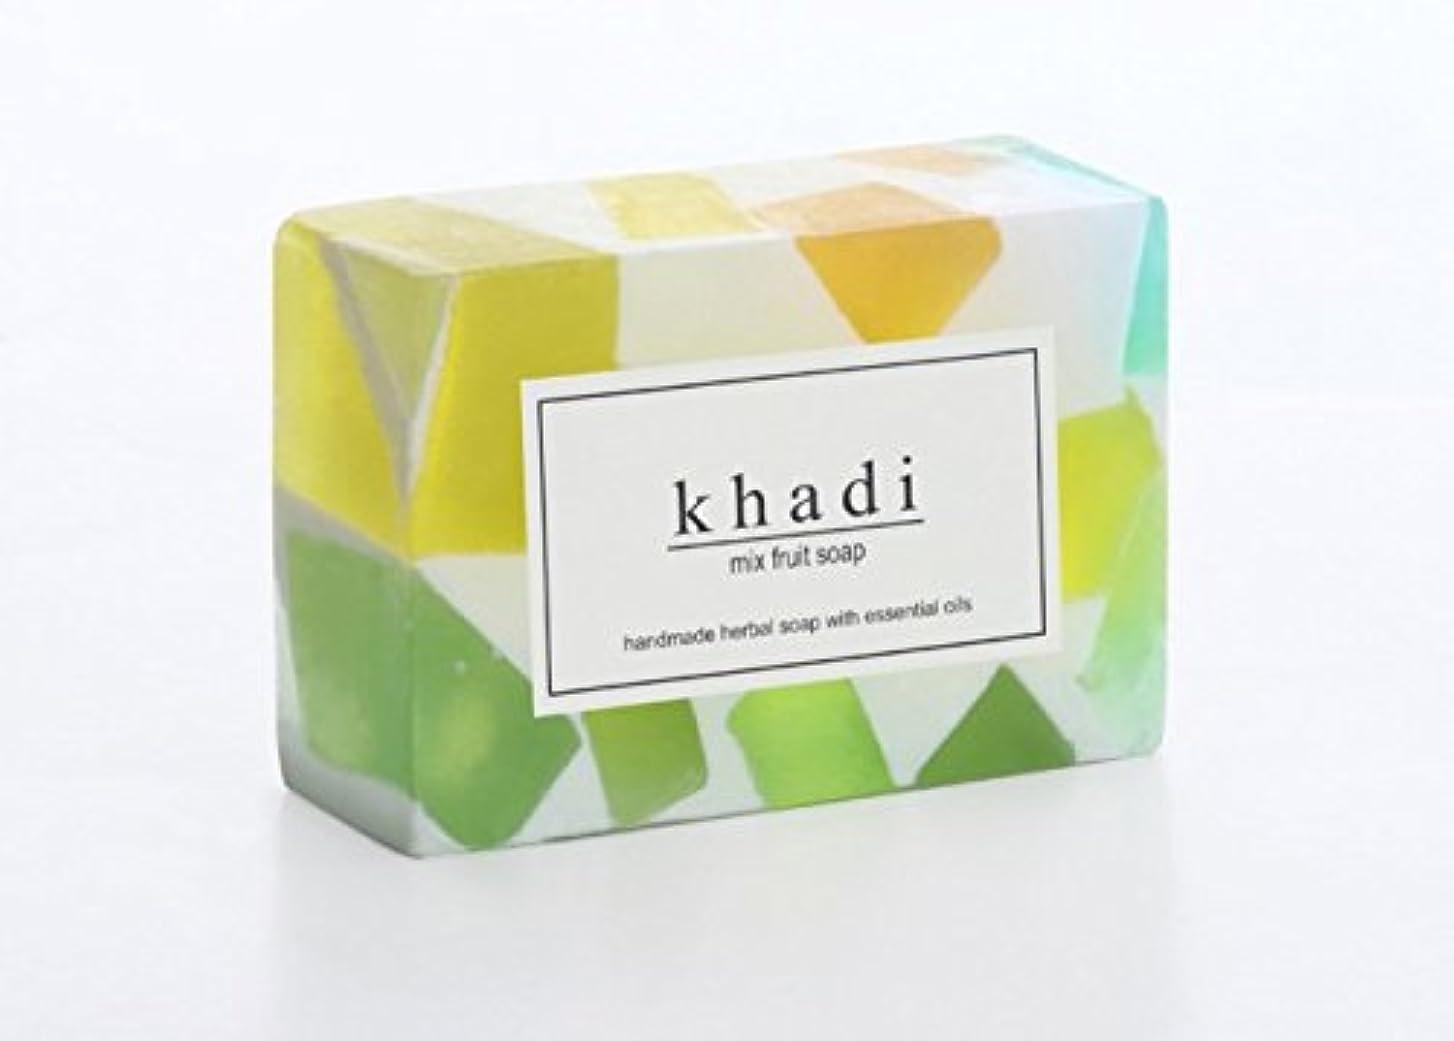 寄付する煙突曲げるKhadi Natural Mix Fruit Soup(ミックスフルーツ石鹸)125g 6個セット [並行輸入品]